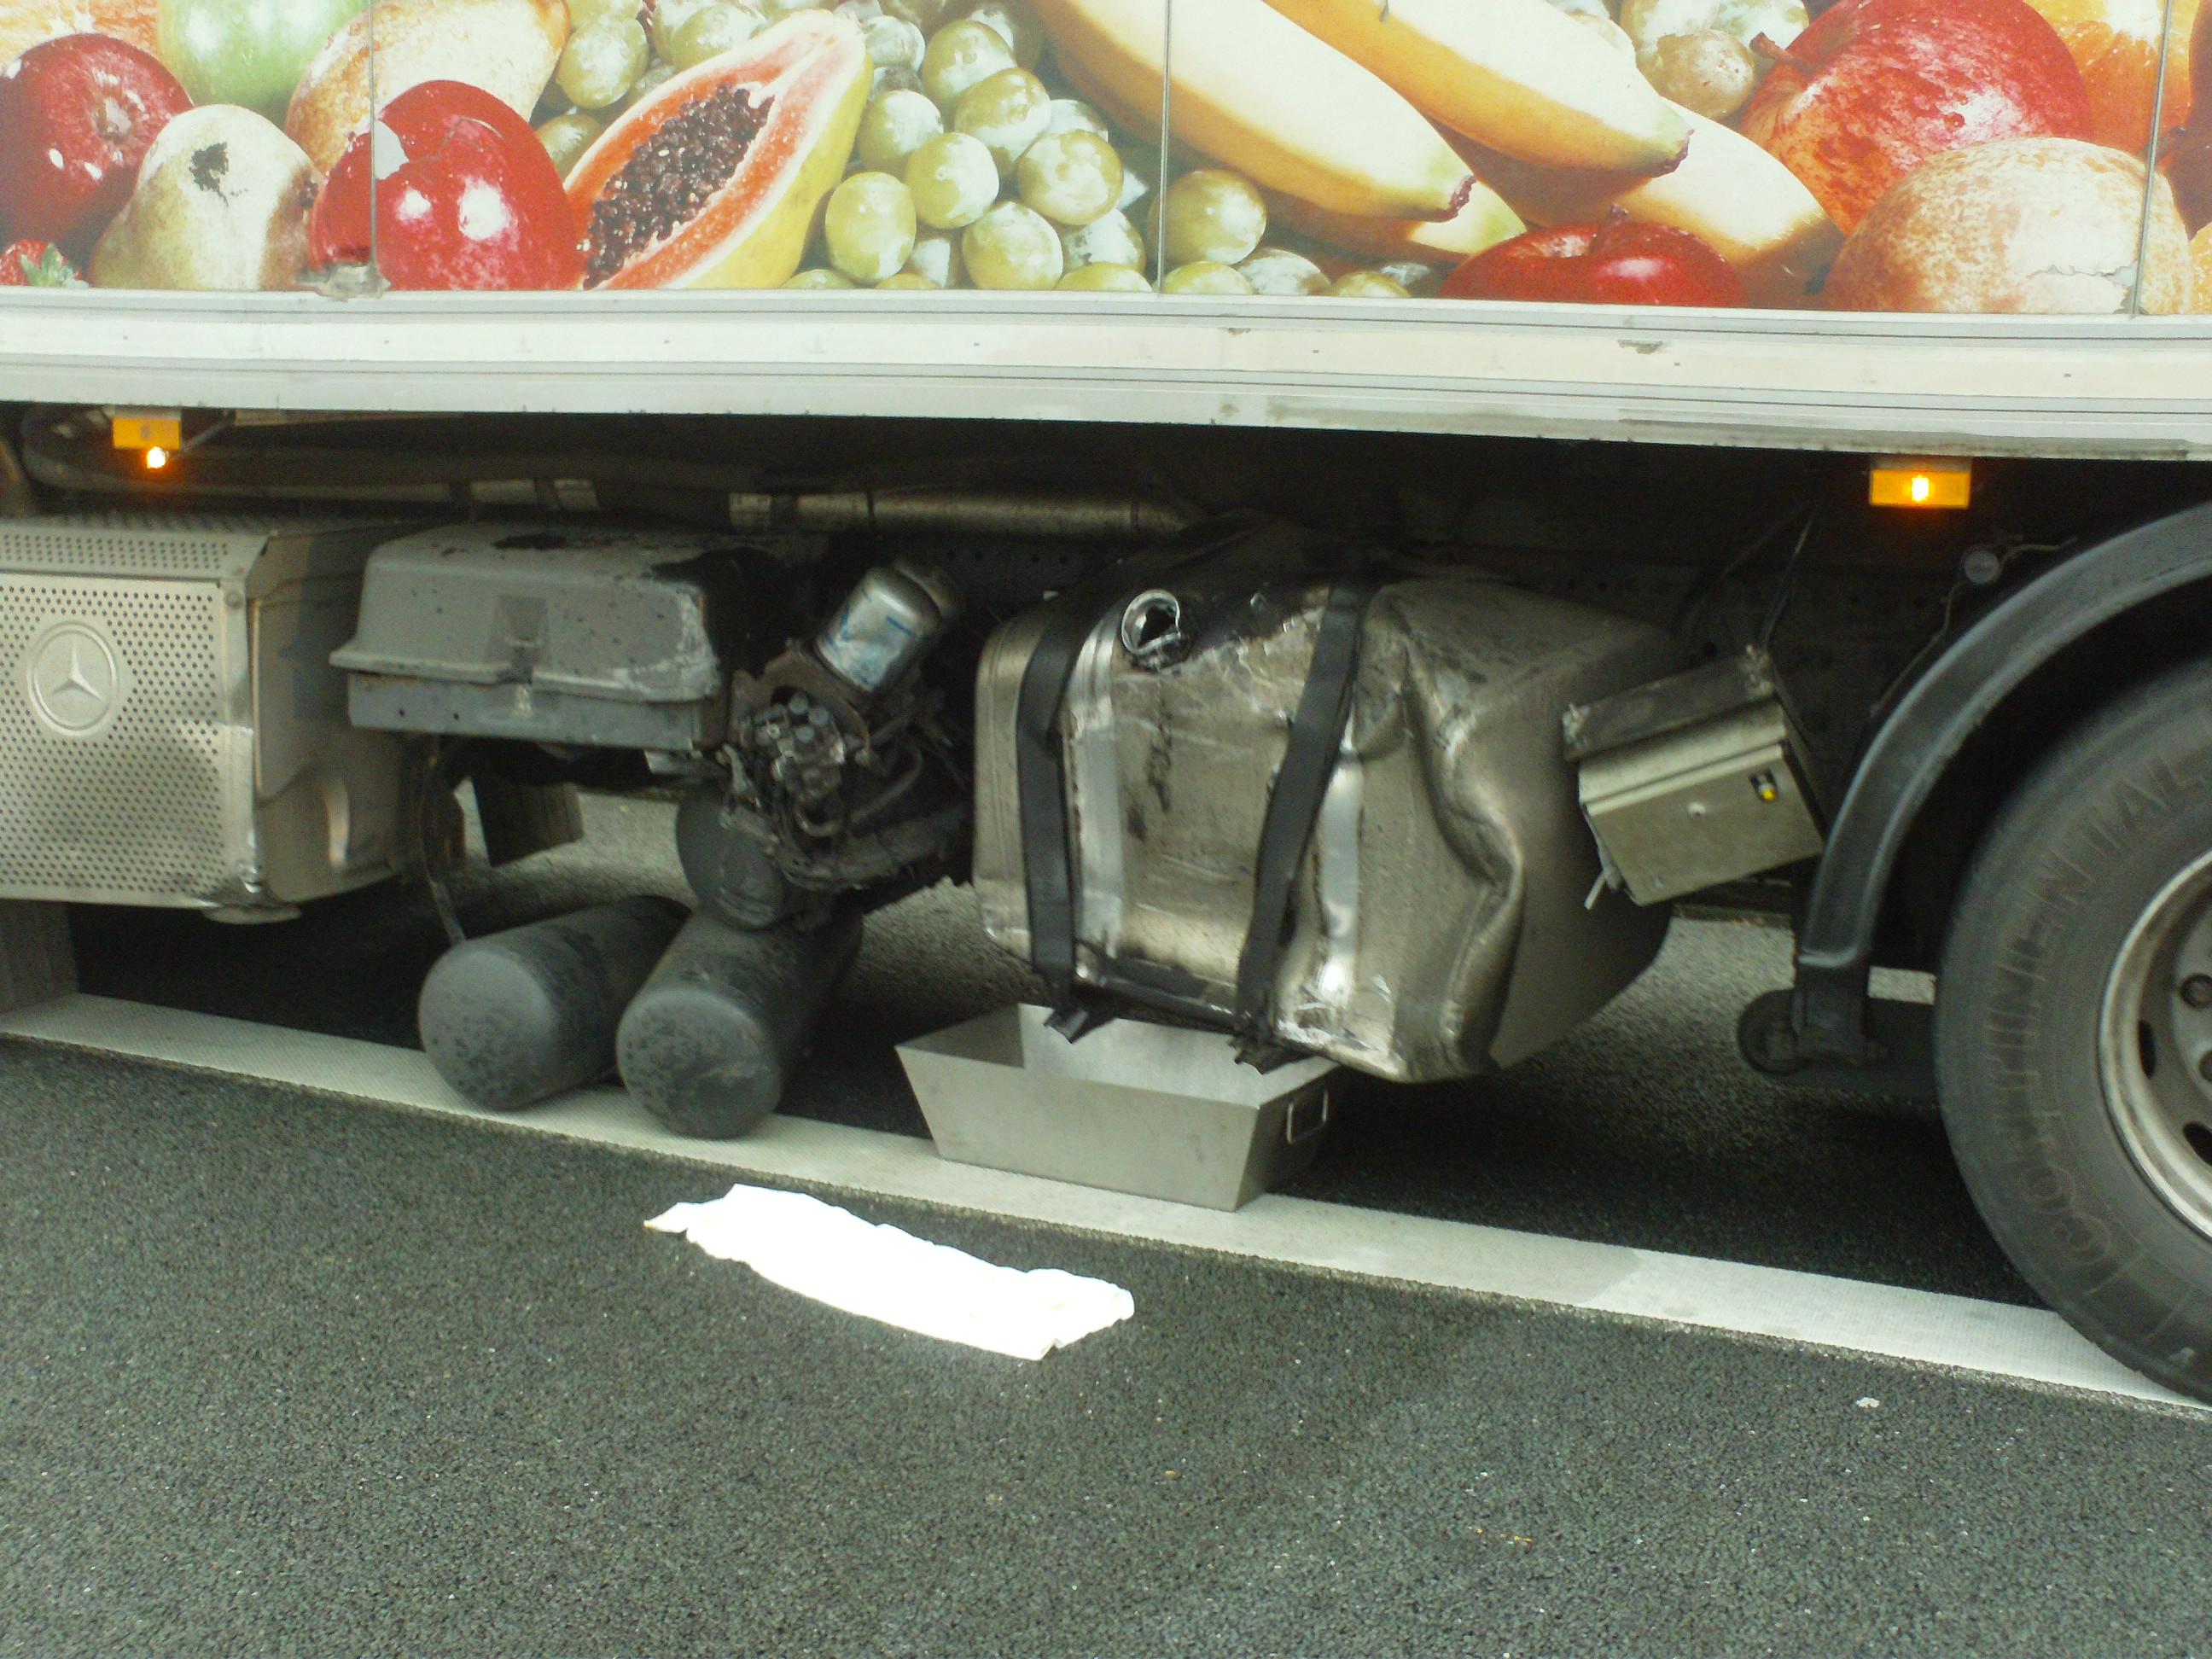 Verkehrsunfall mit auslaufenden Betriebsstoffen auf der BAB 2 in Richtung Hannover